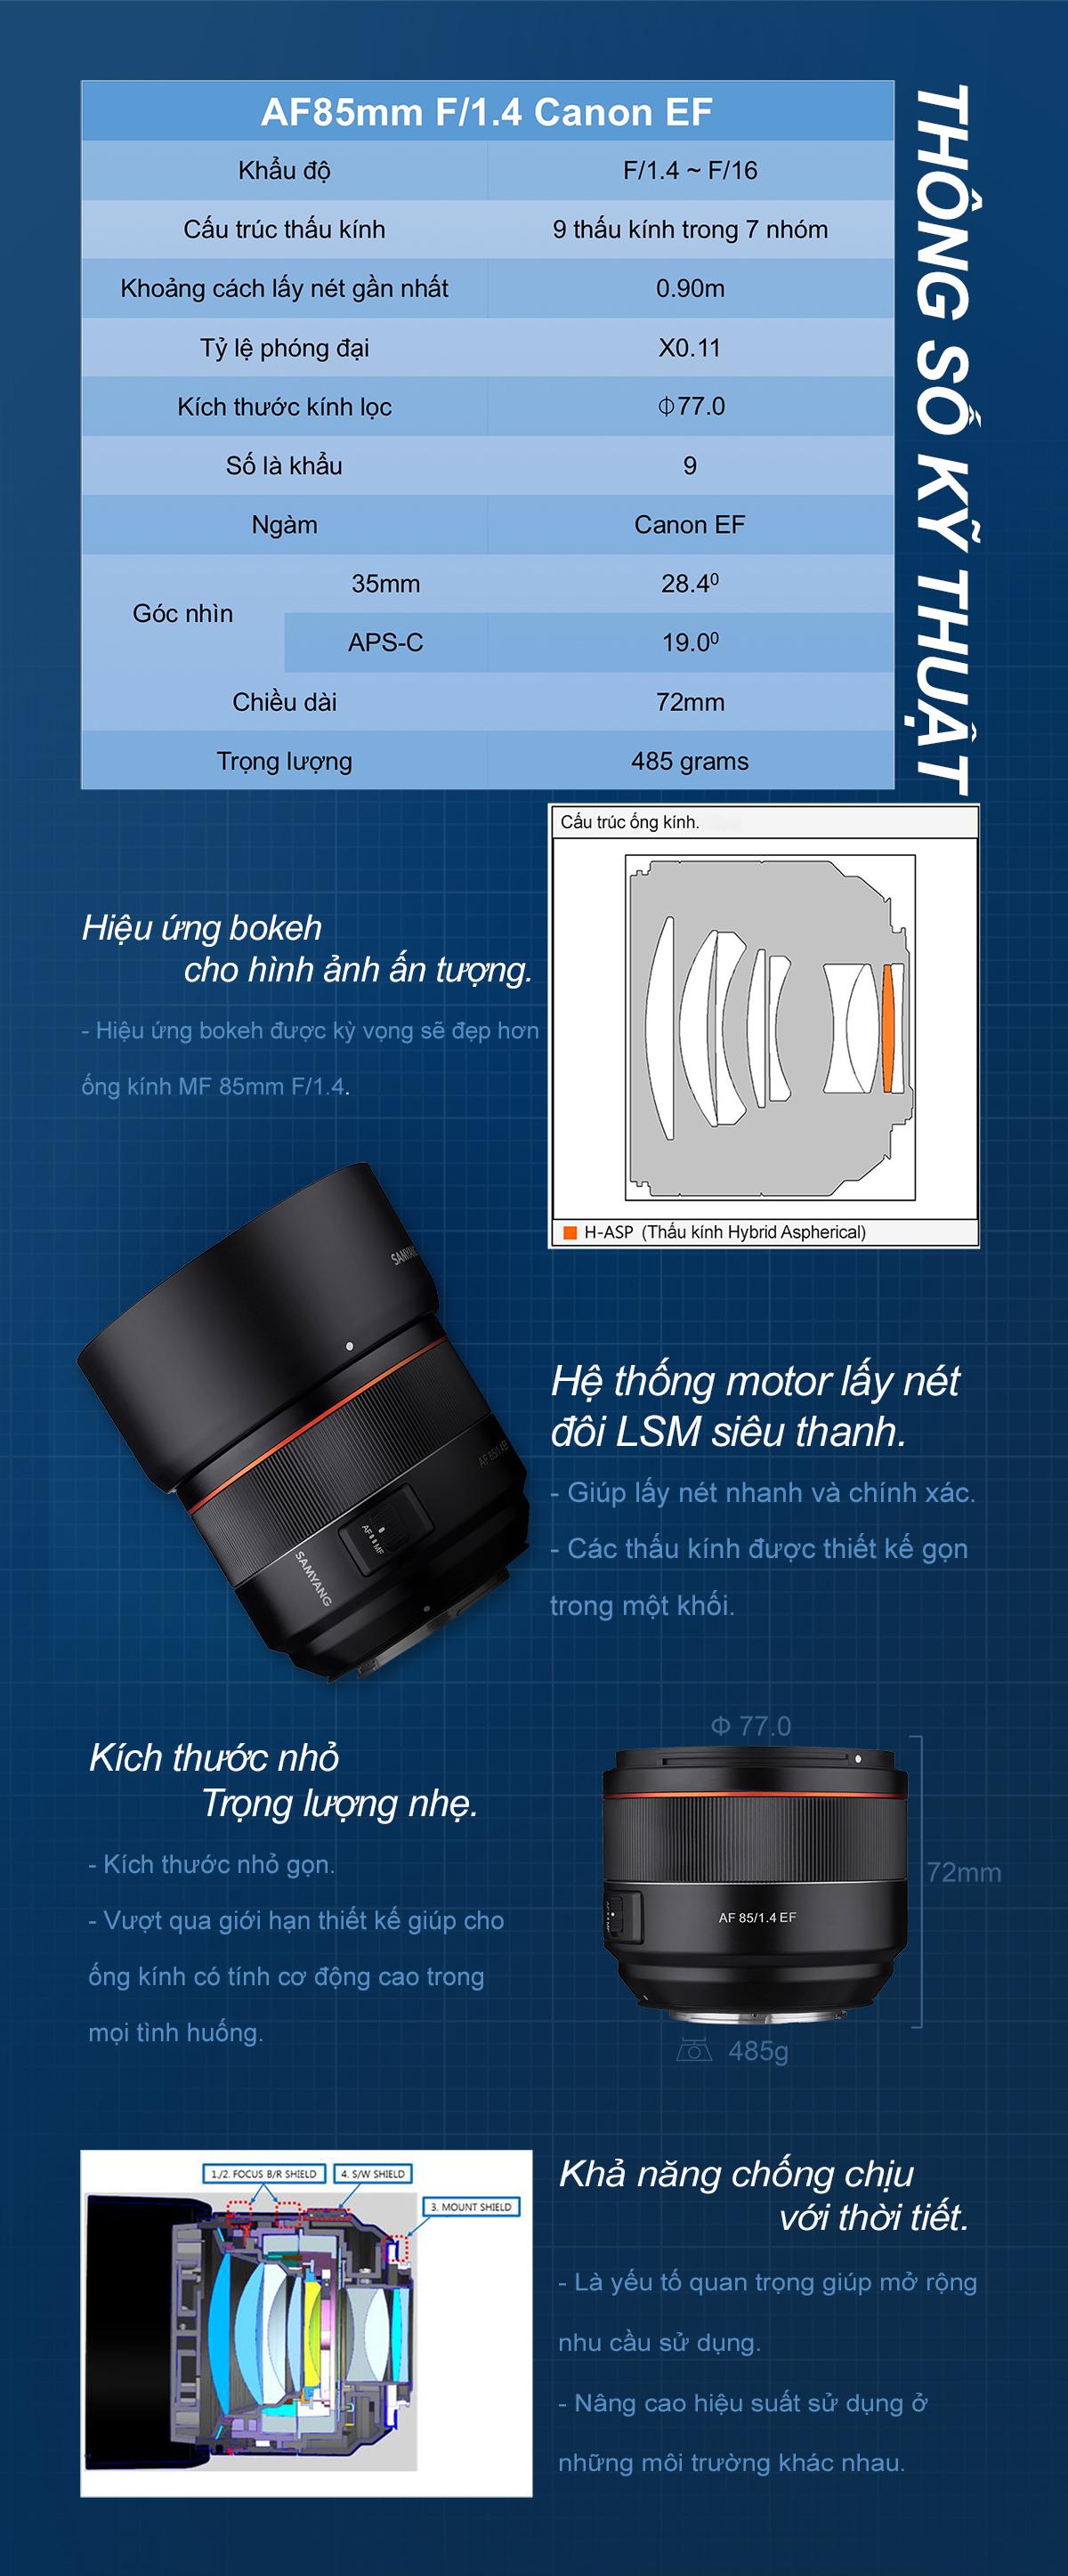 Samyang AF 85mm f/1.4 EF for Canon EF